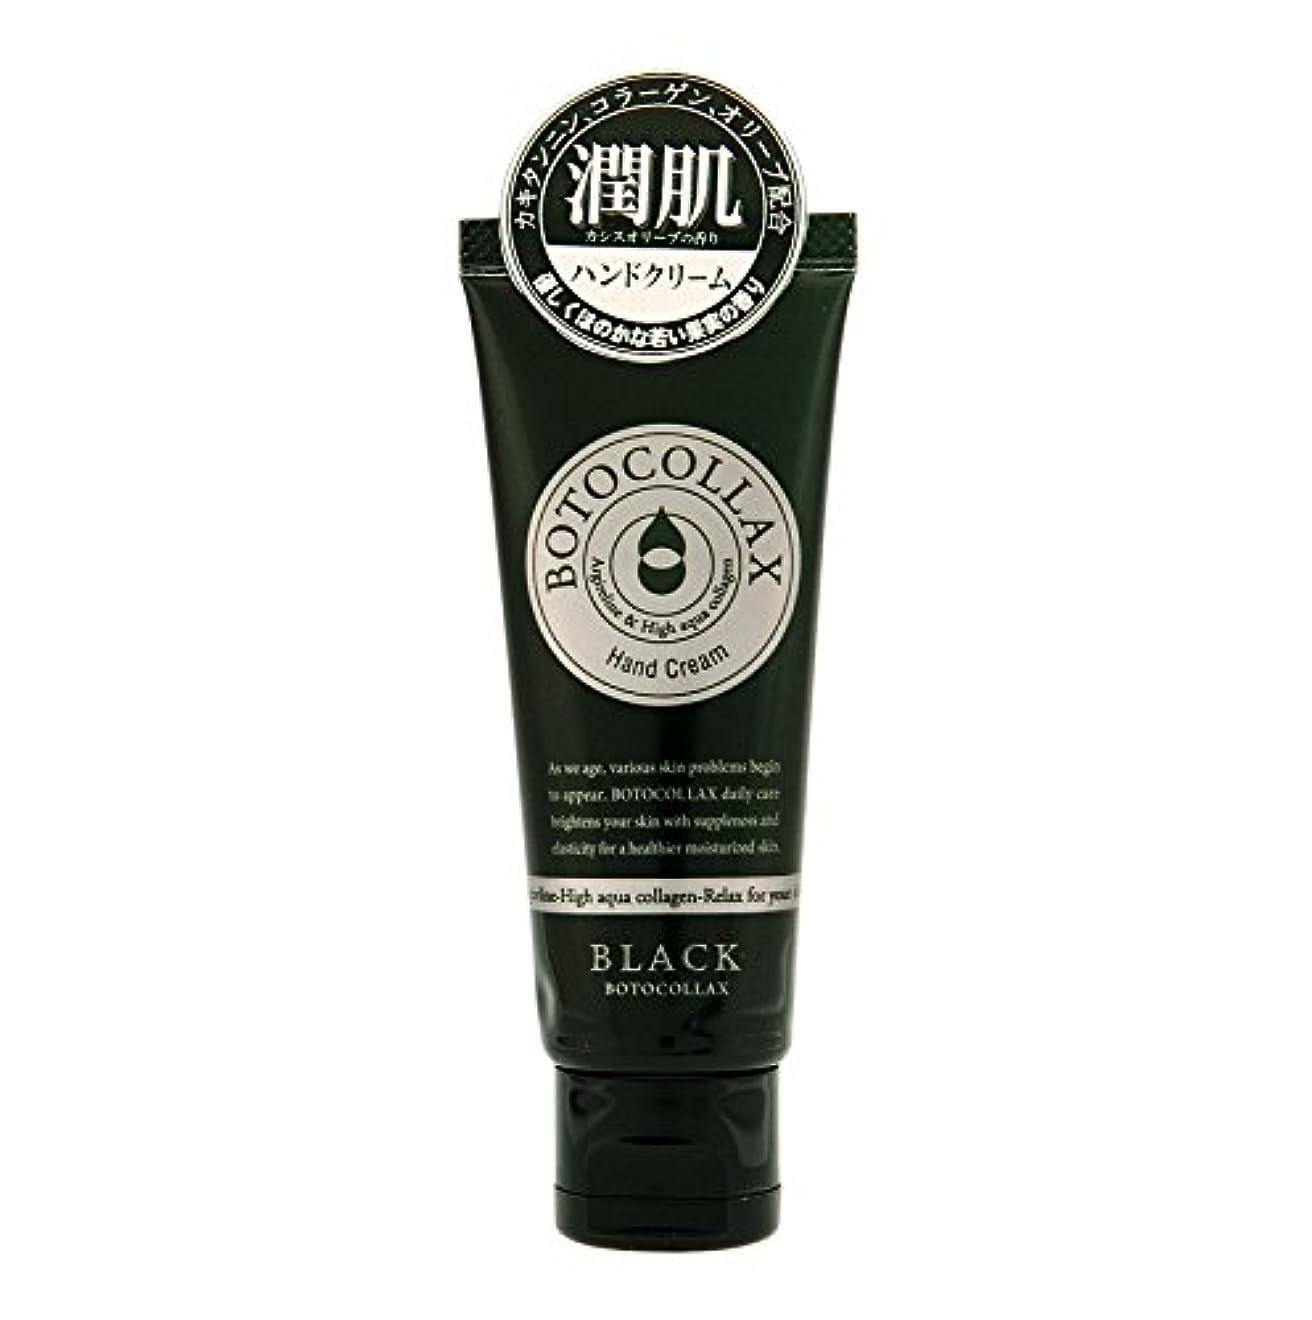 最近太字マーティンルーサーキングジュニアボトコラックス ブラック オリーブ ハンドクリーム 30g